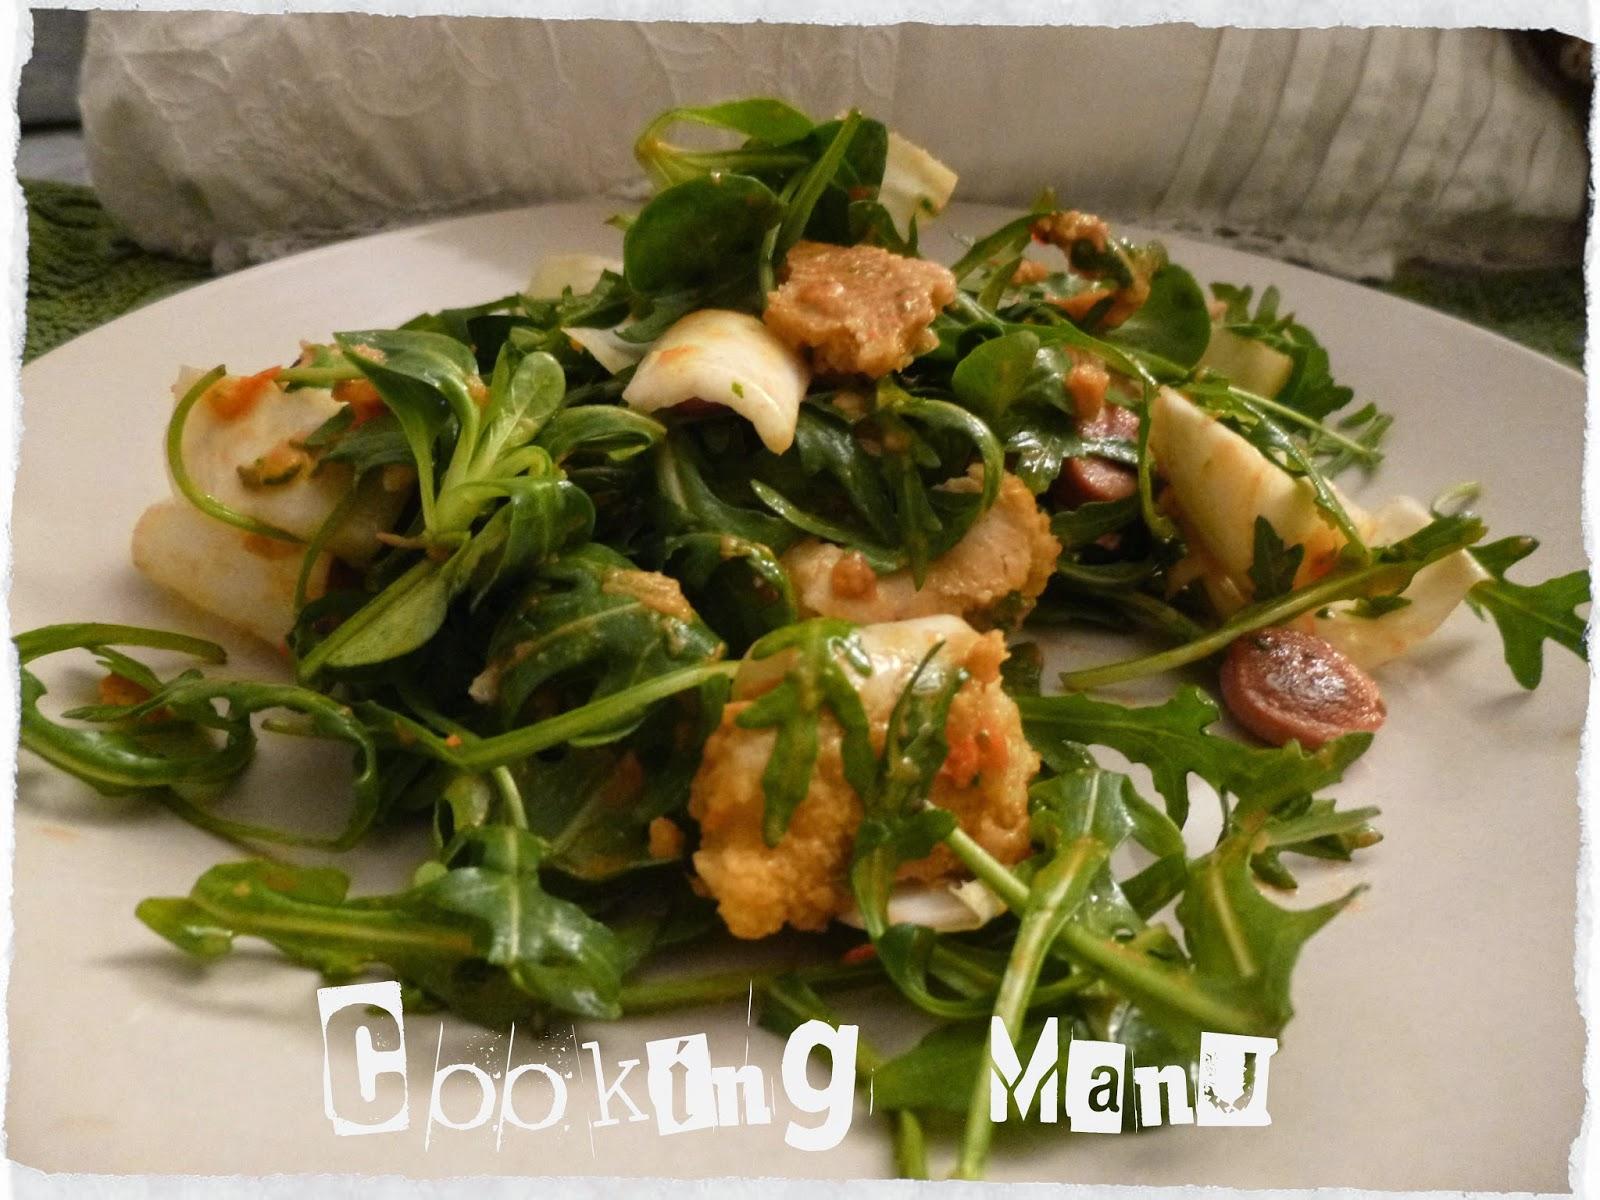 juicy and crunchy salad